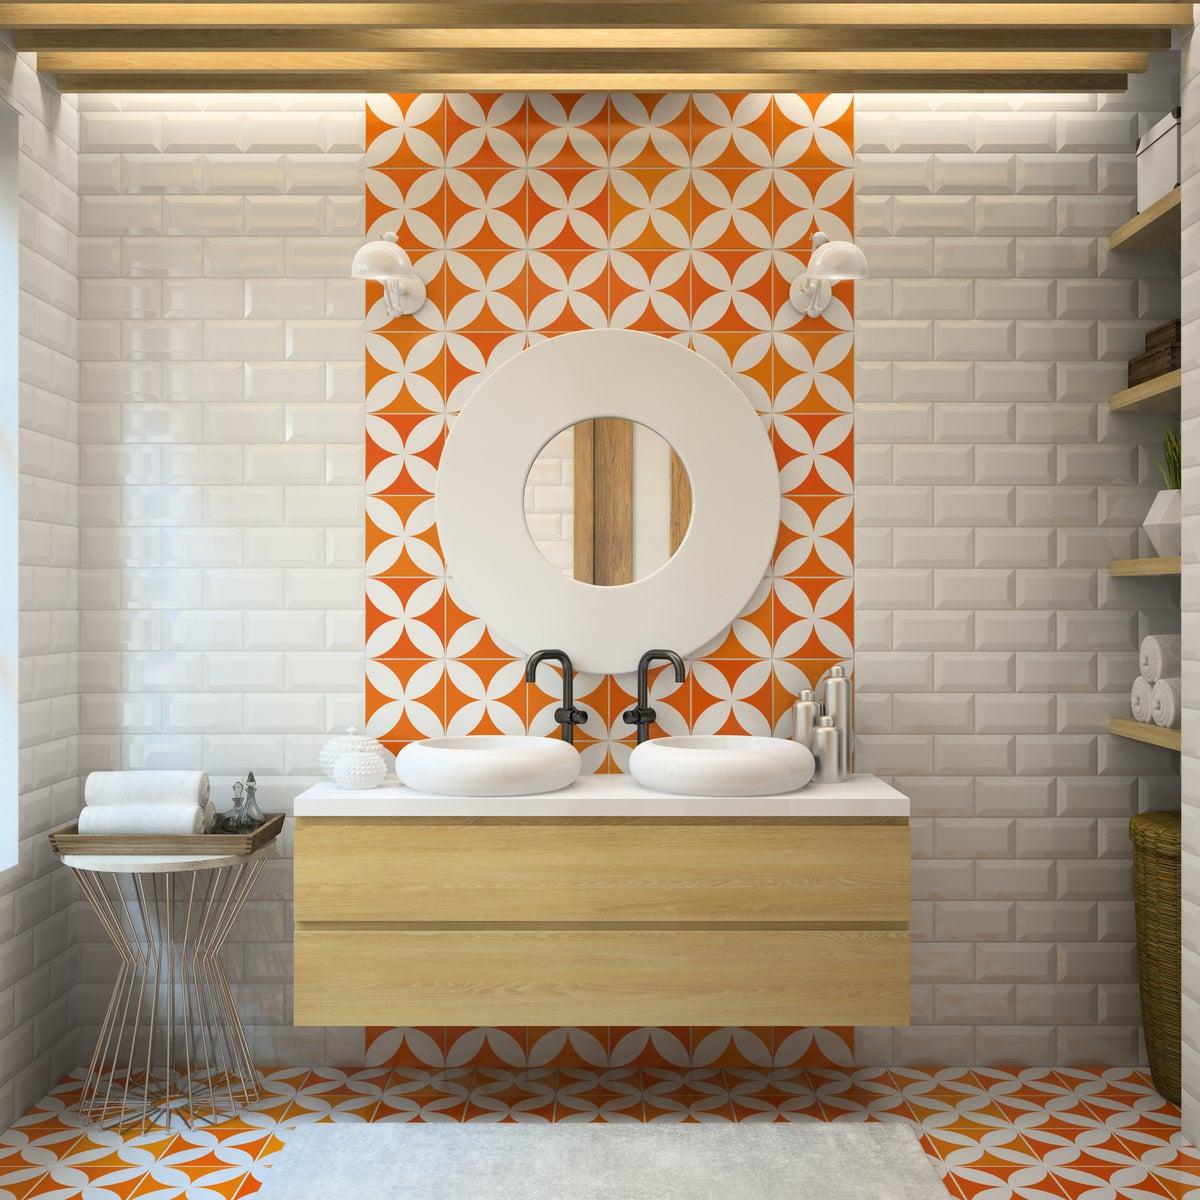 Baño de estilo moderno con azulejos en naranja para el suelo y la pared